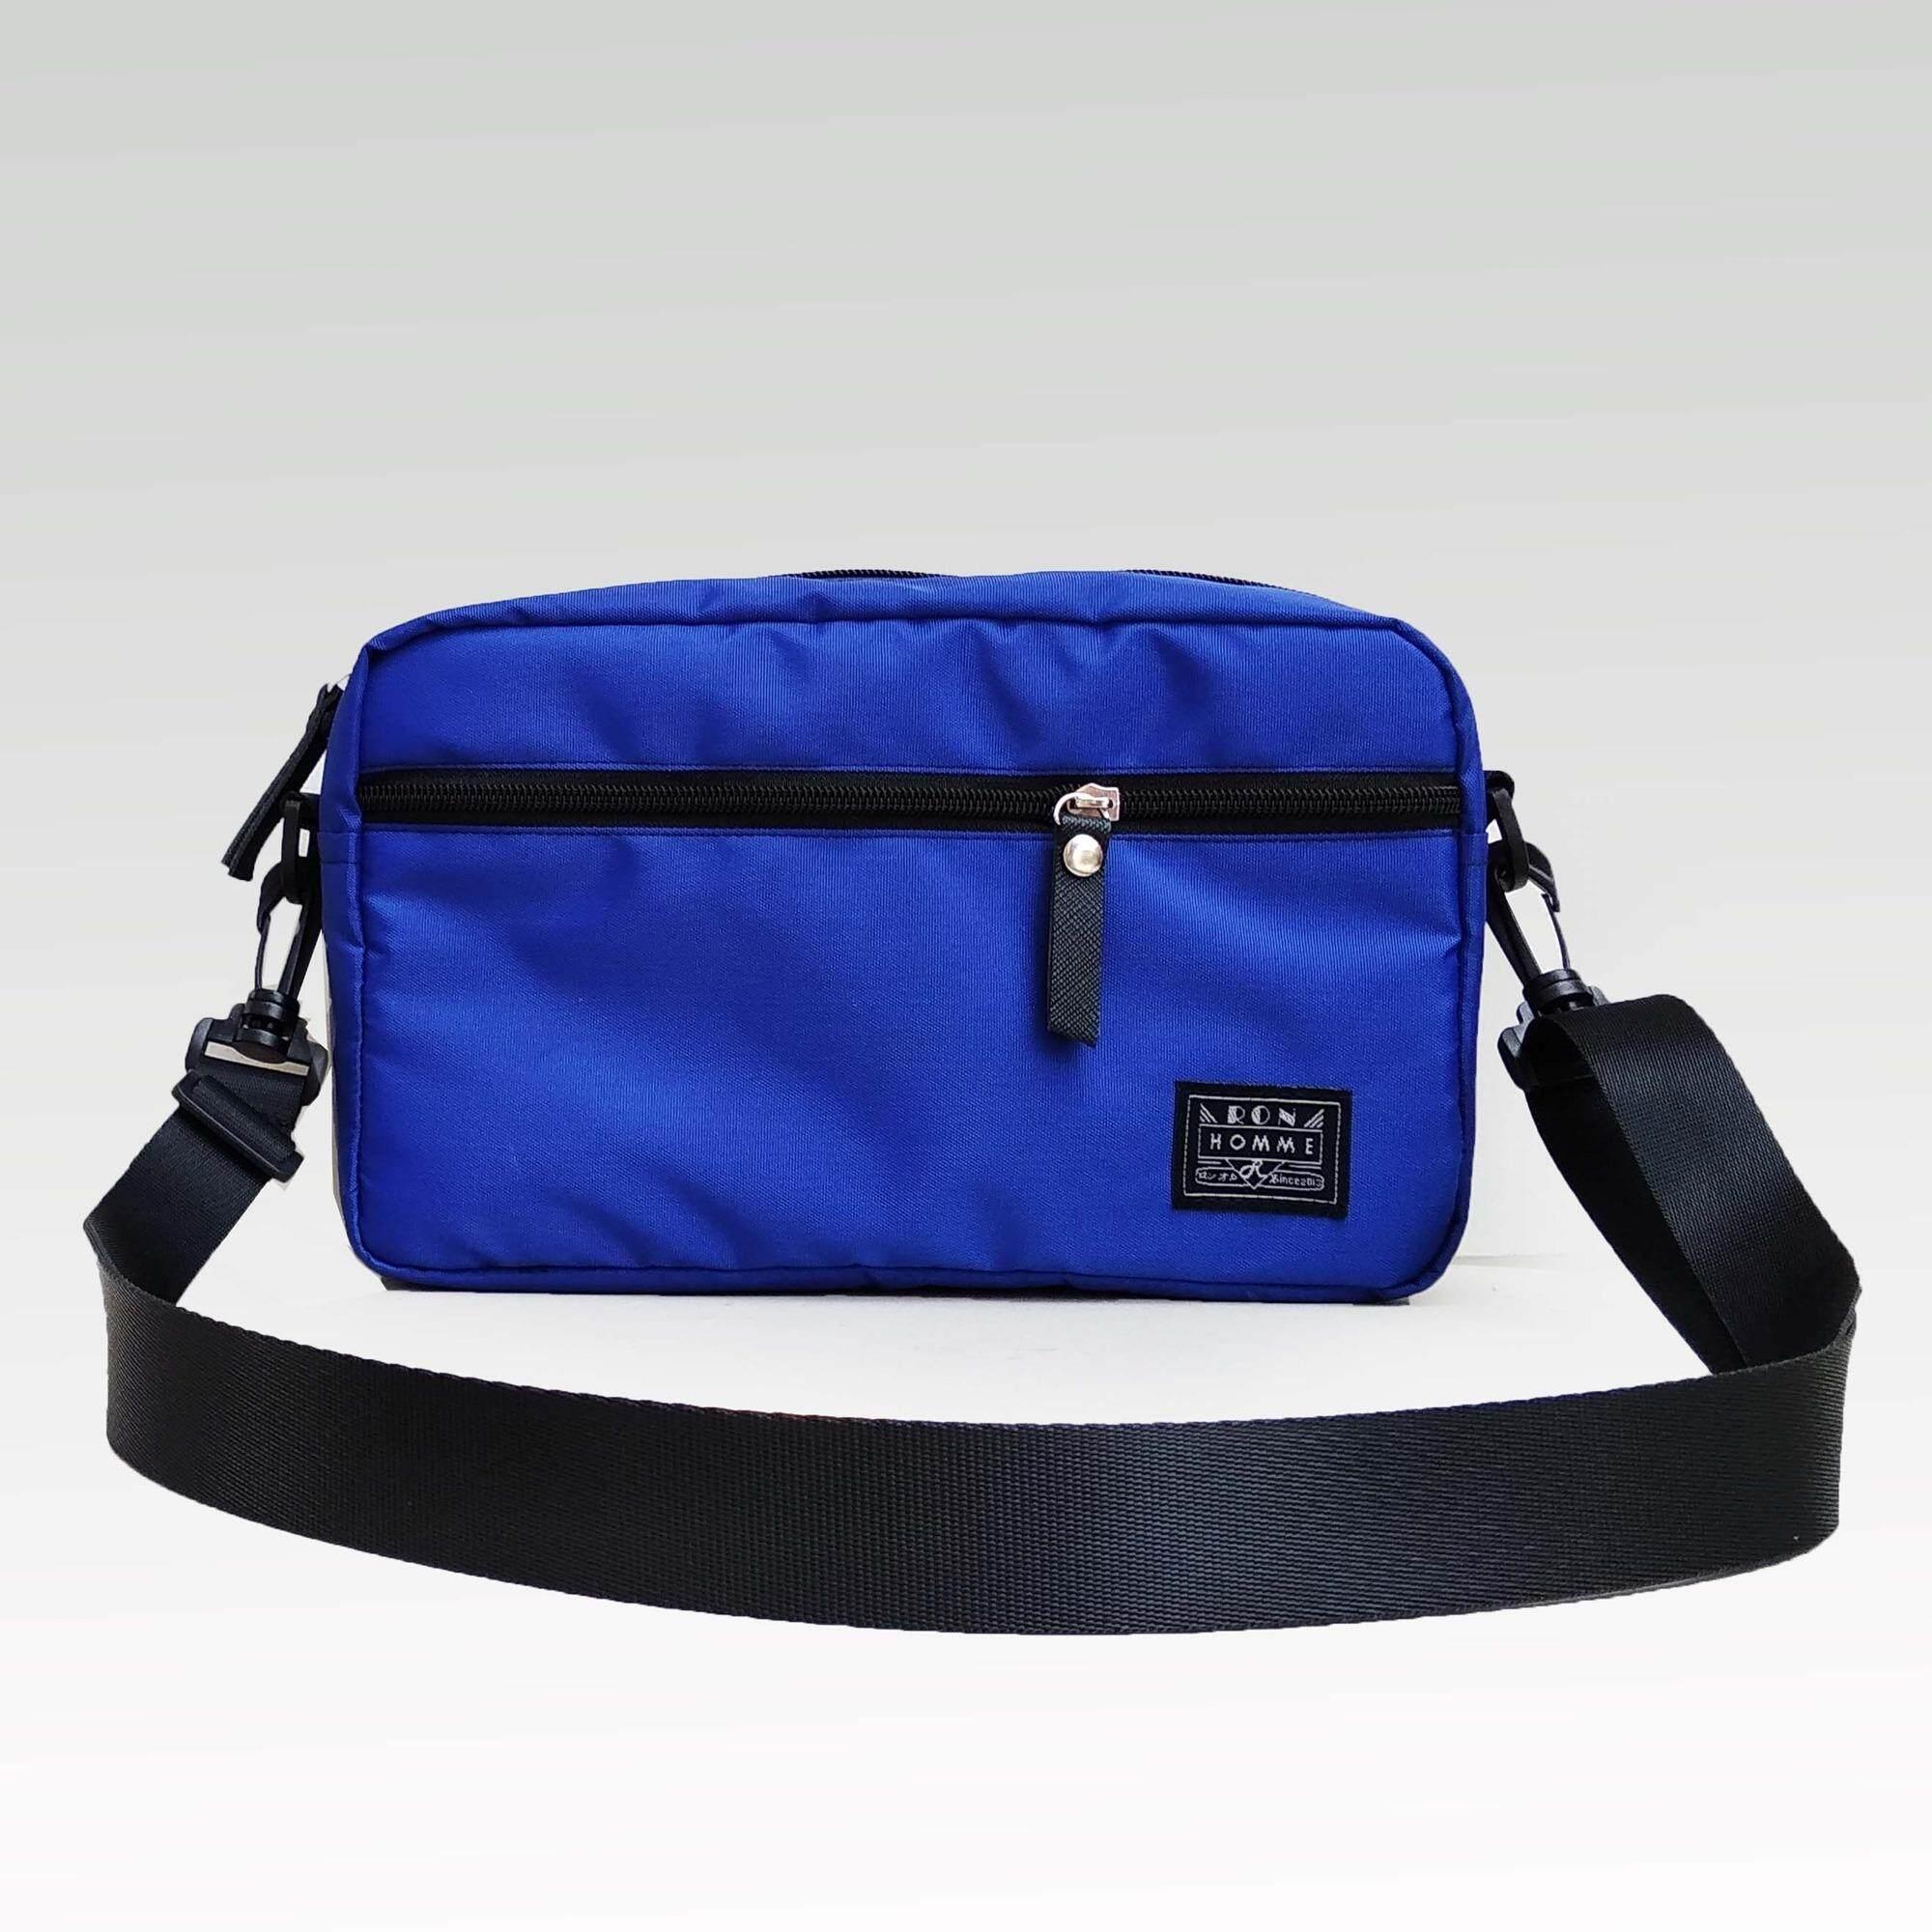 ทบทวน ที่สุด Ron Homme กระเป๋าสะพายข้าง โพลีเอสเตอร์กันนํ้า รุ่น Mini Bag9 Inch Blue